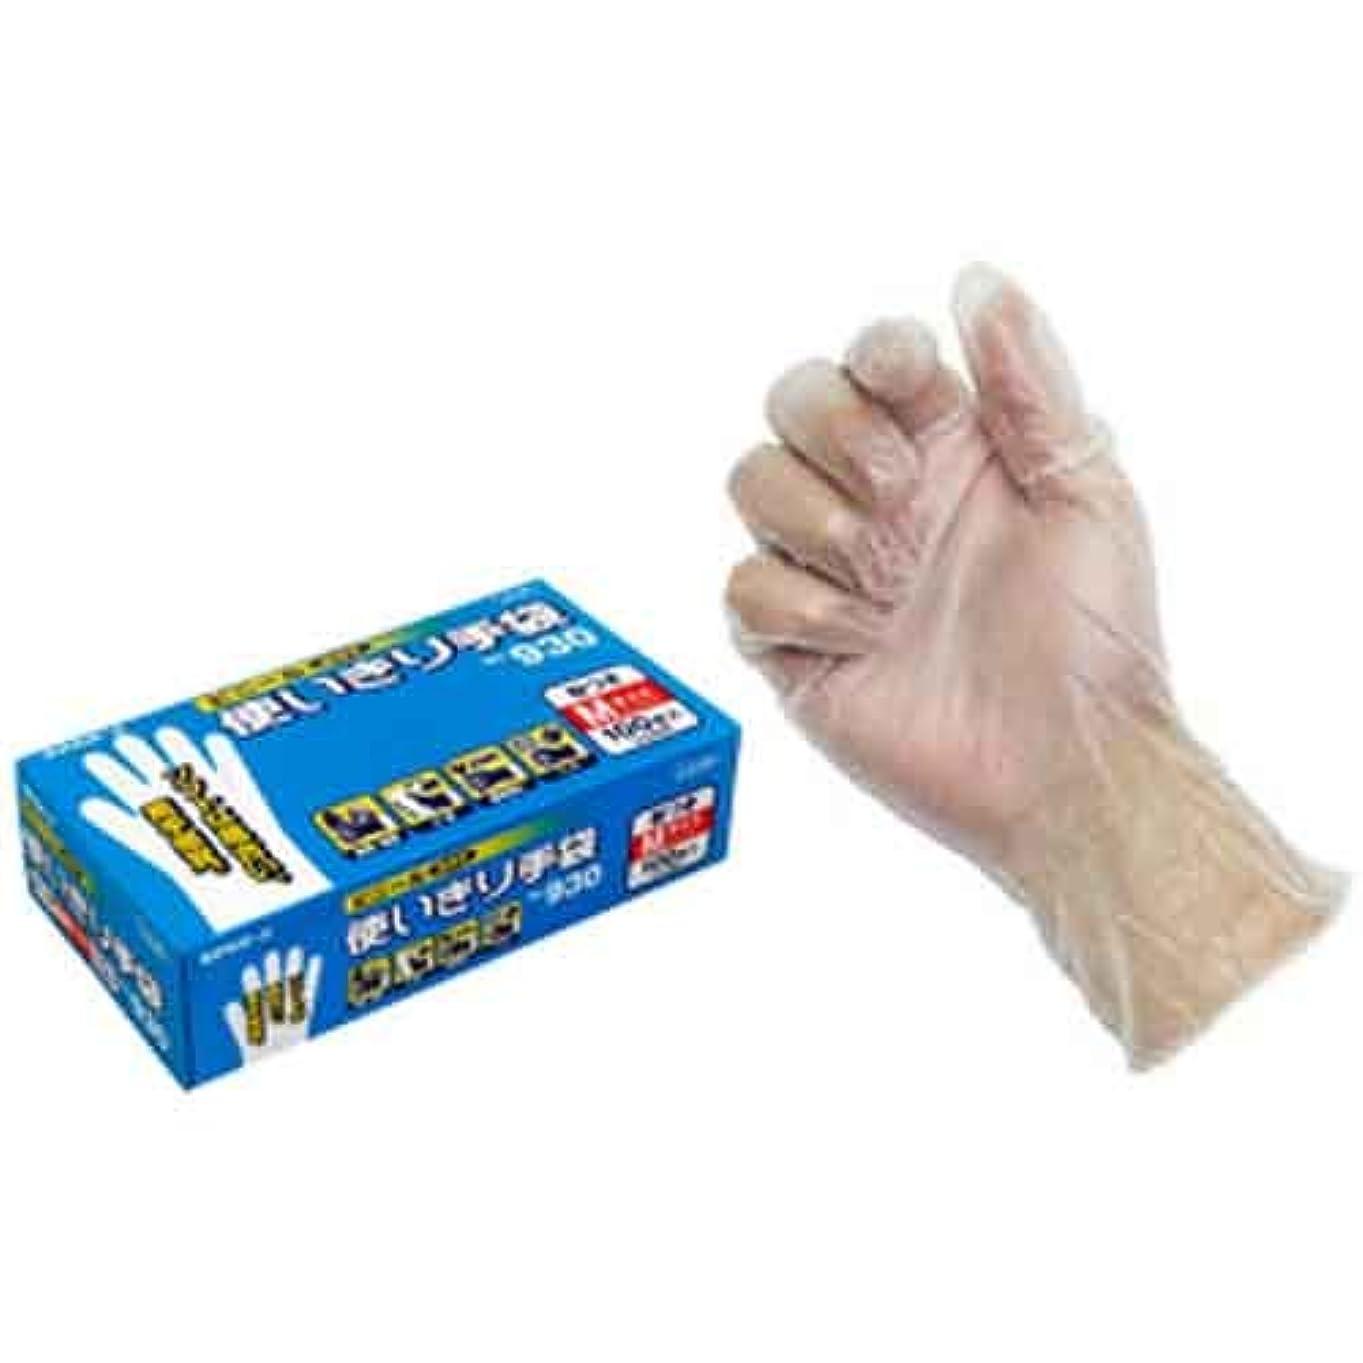 形式おっと避けられないビニール使いきり手袋(粉付)100枚入(箱) 930 L